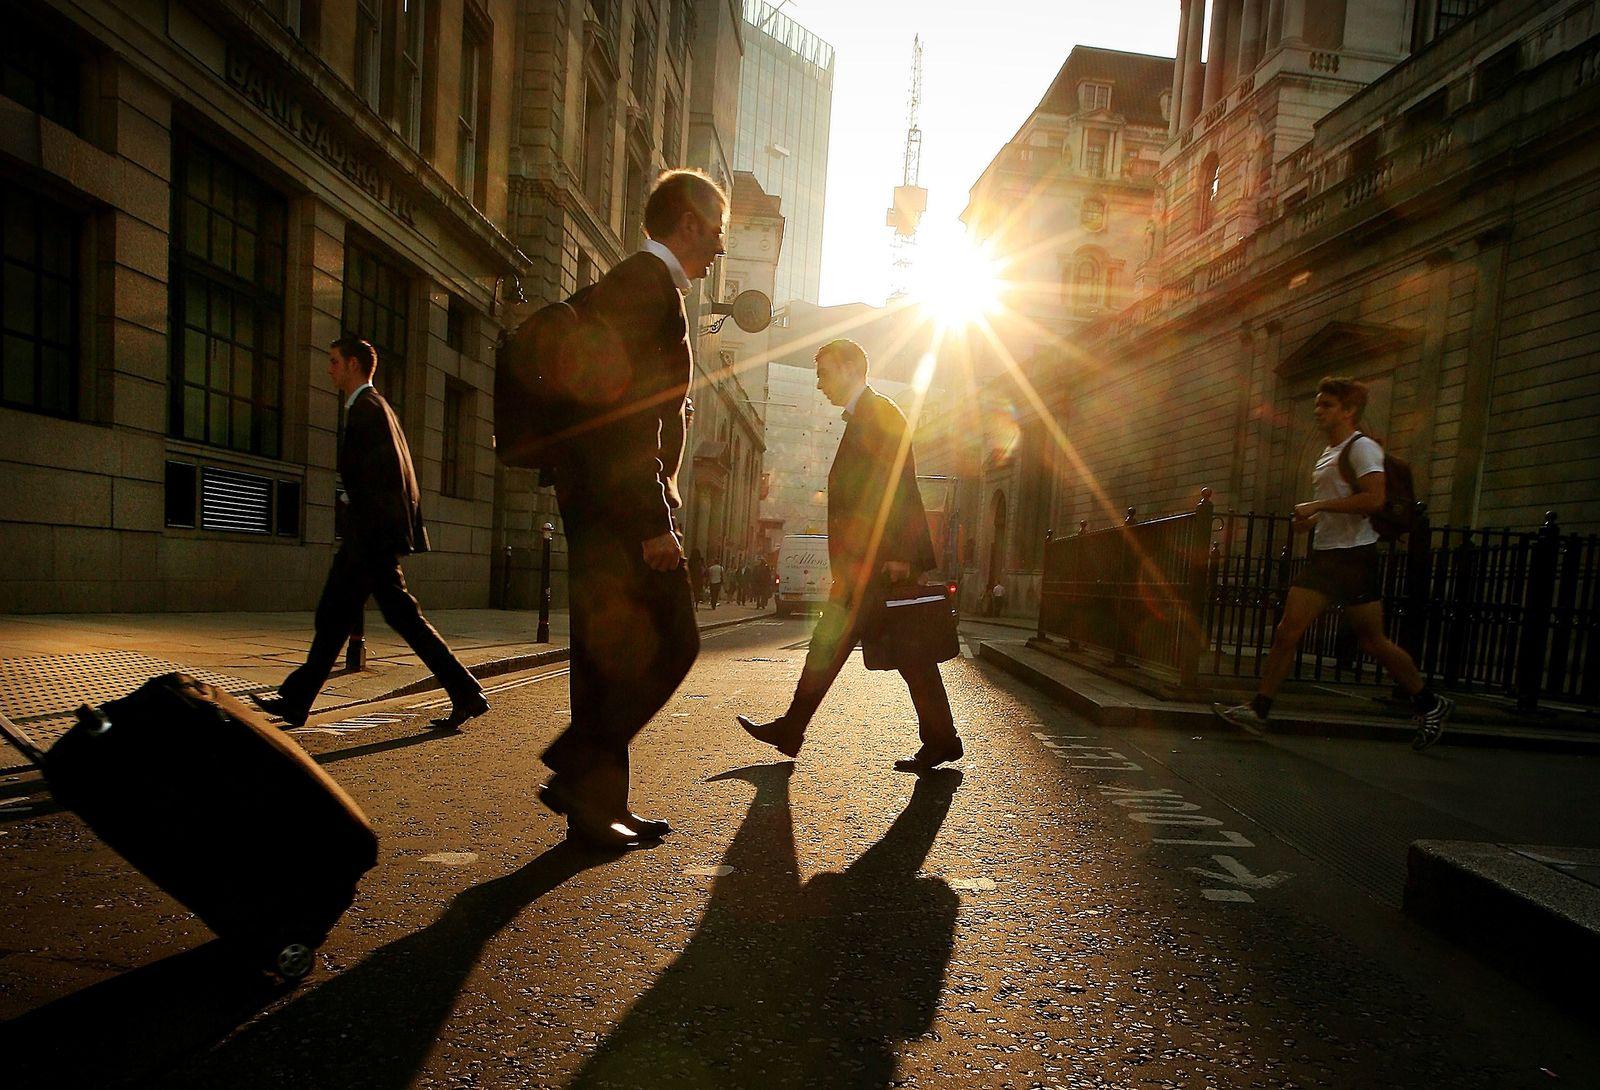 London / Banken-Viertel / Banken / Banker